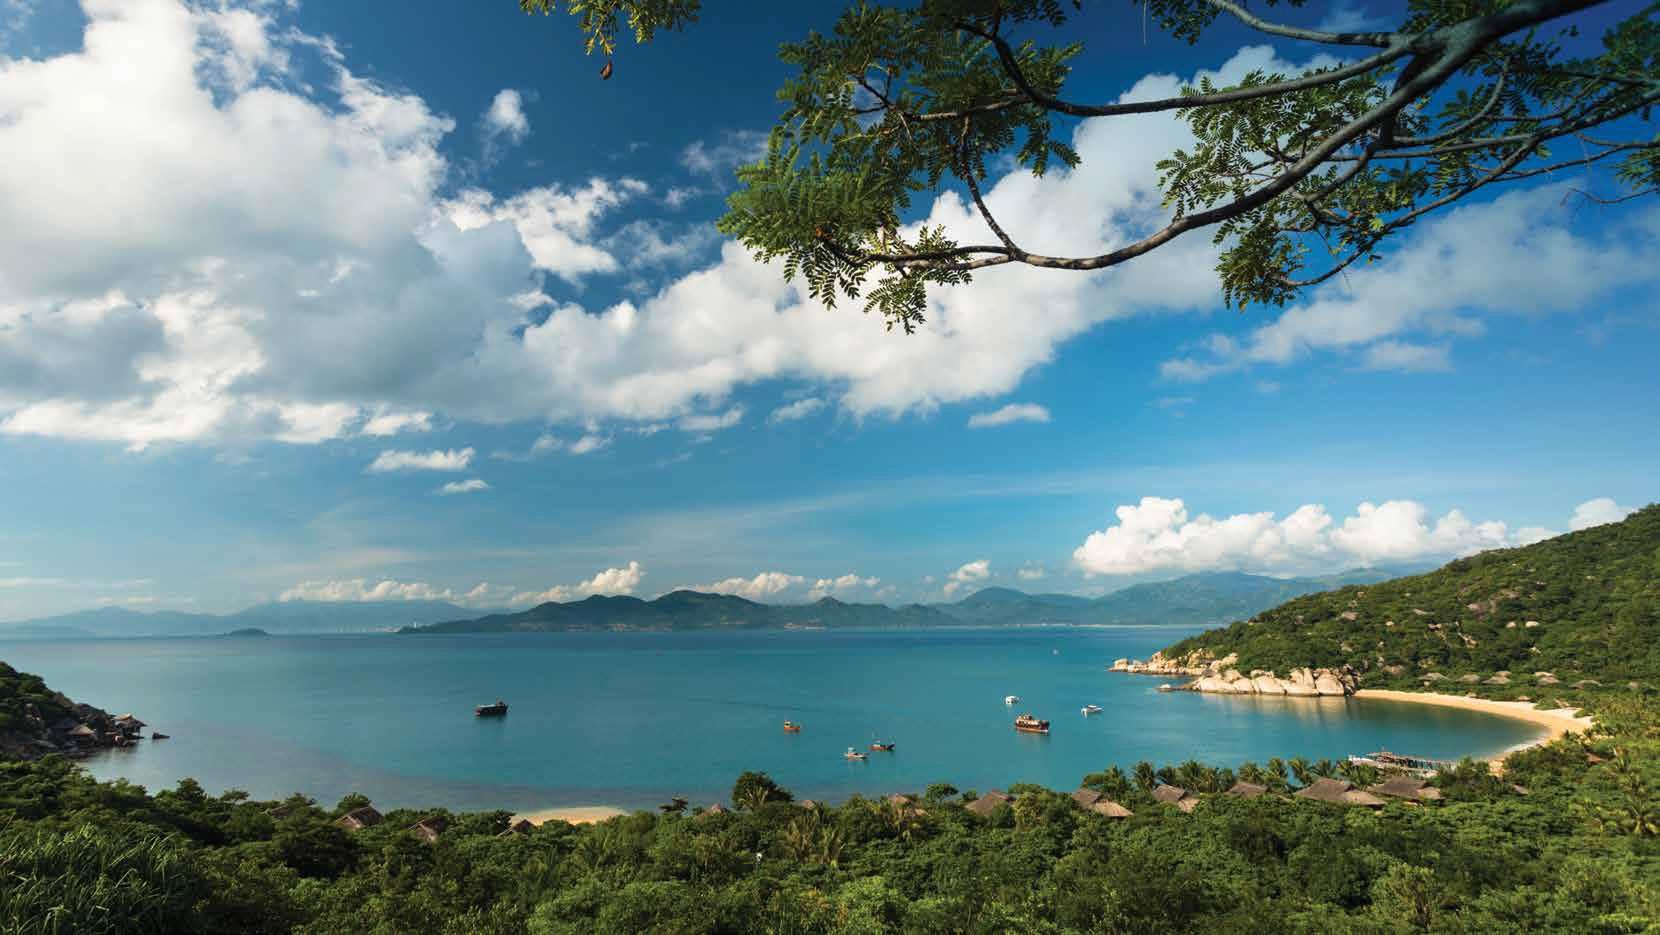 Voyage sur l'ile de Con Dao : Bons plans logements, restaurants, motos…au petit budget